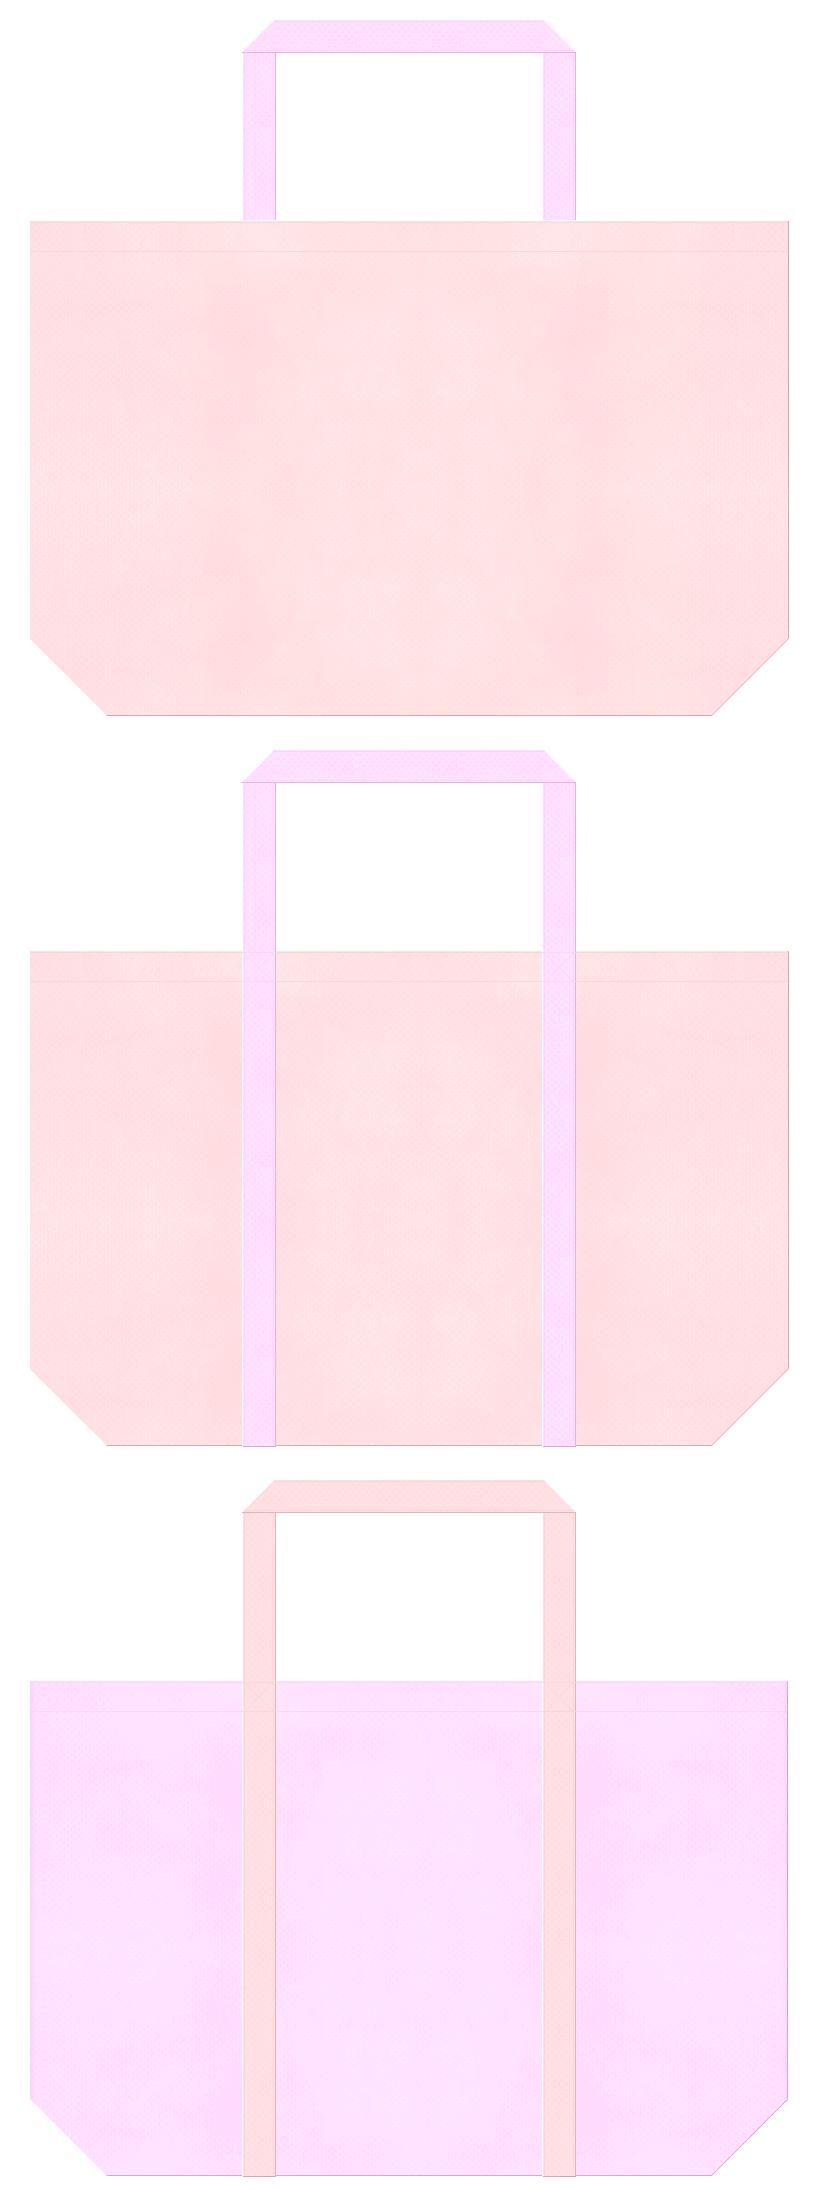 桜色と明るいピンク色の不織布ショッピングバッグデザイン。